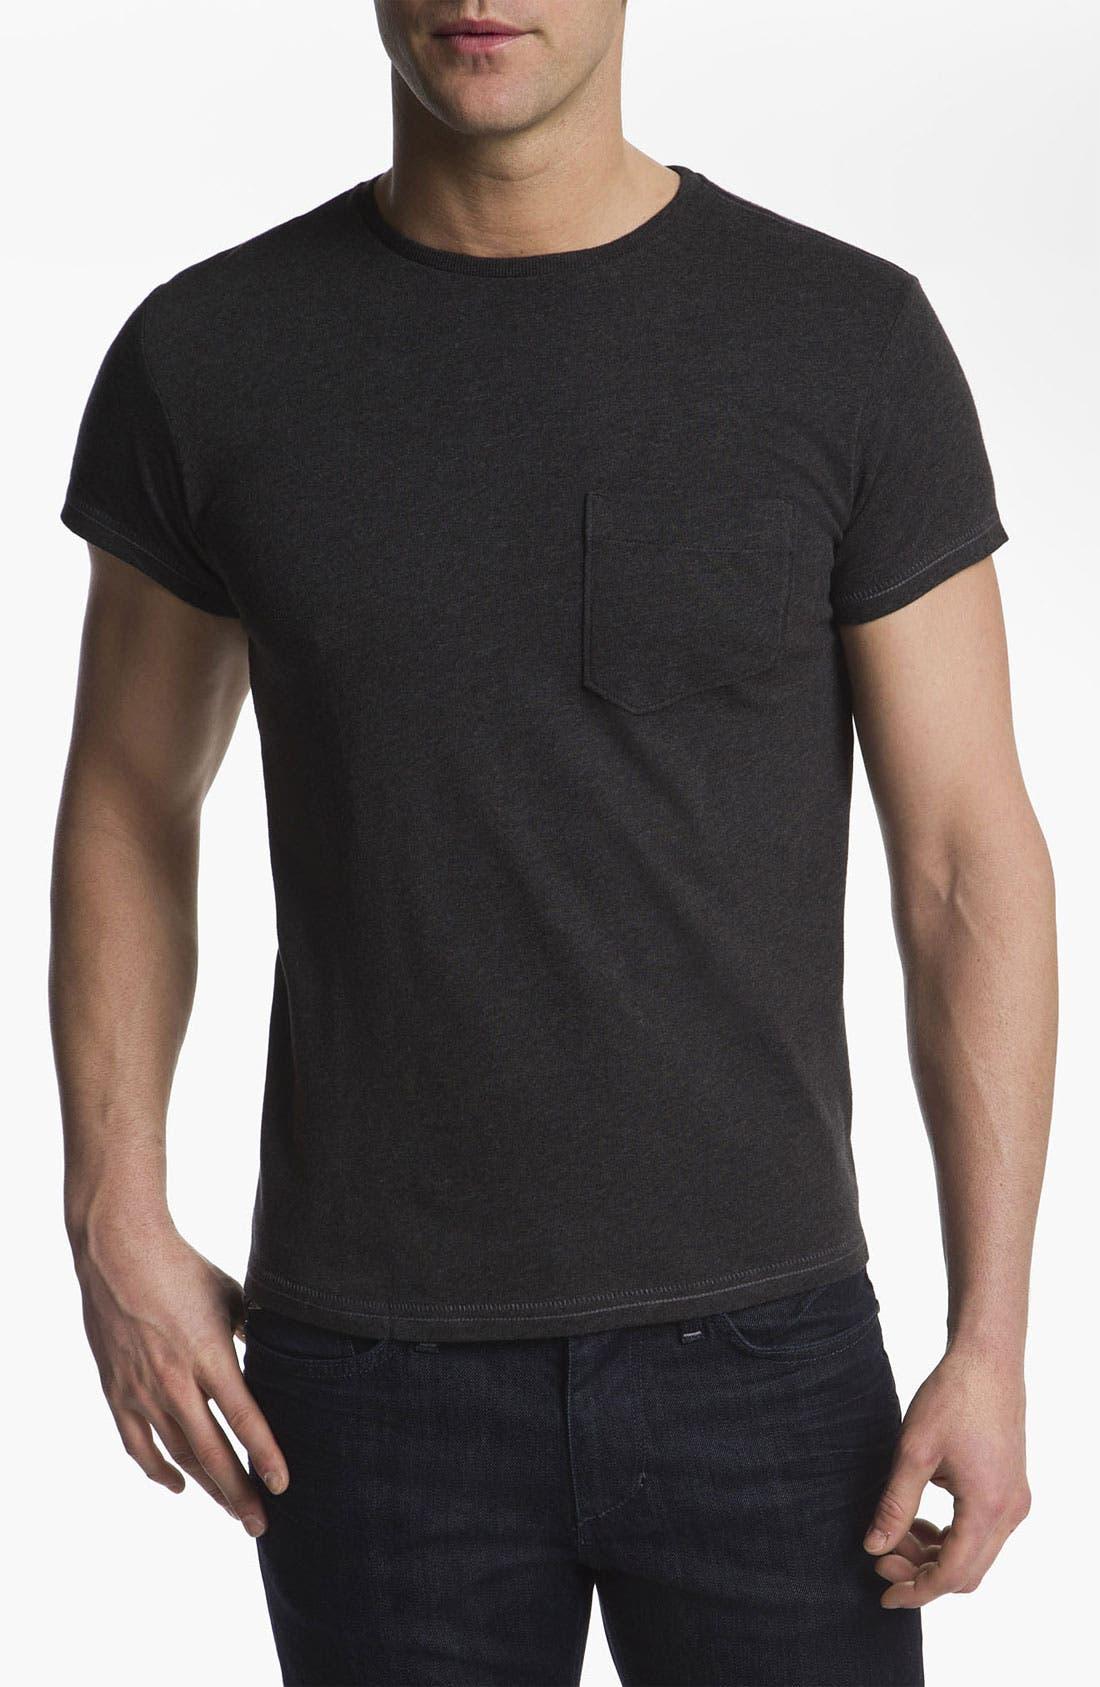 Main Image - Pendleton Heathered T-Shirt